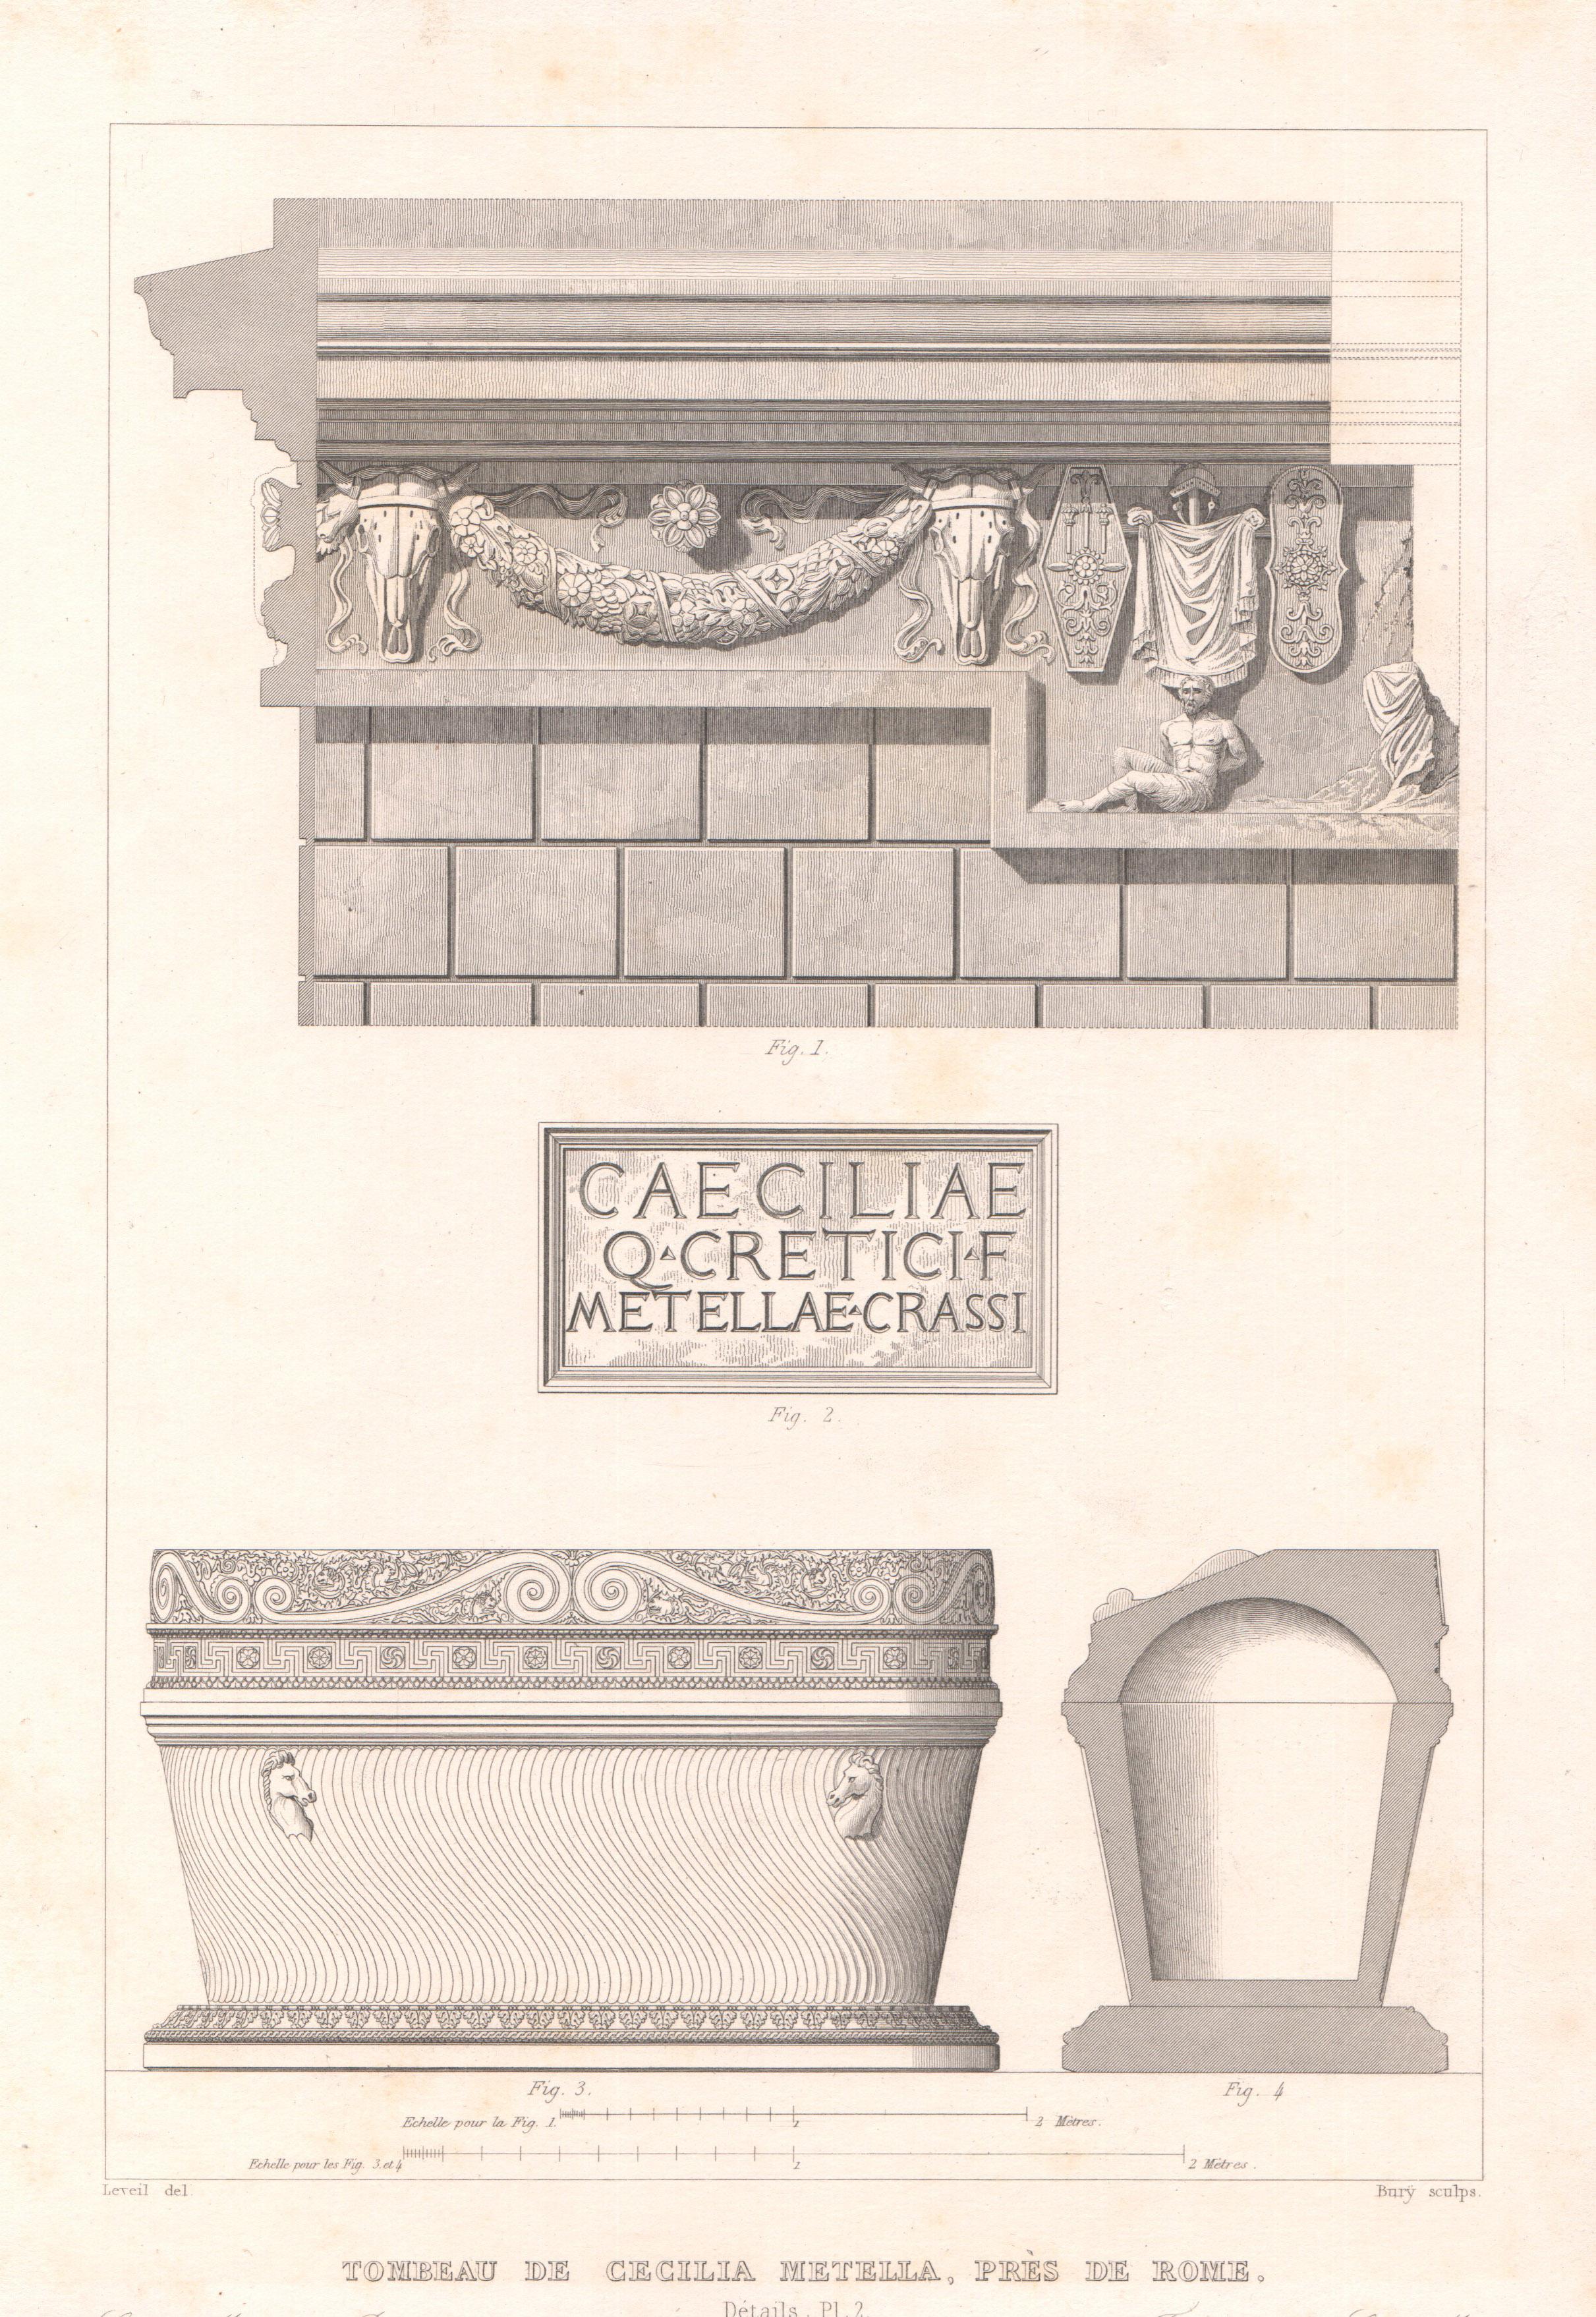 Italy - Antique Monuments - Caecilia Metela's Mausoleum - Cecilia Metella - Castrum Caetani - Via Appia Antica - Rome